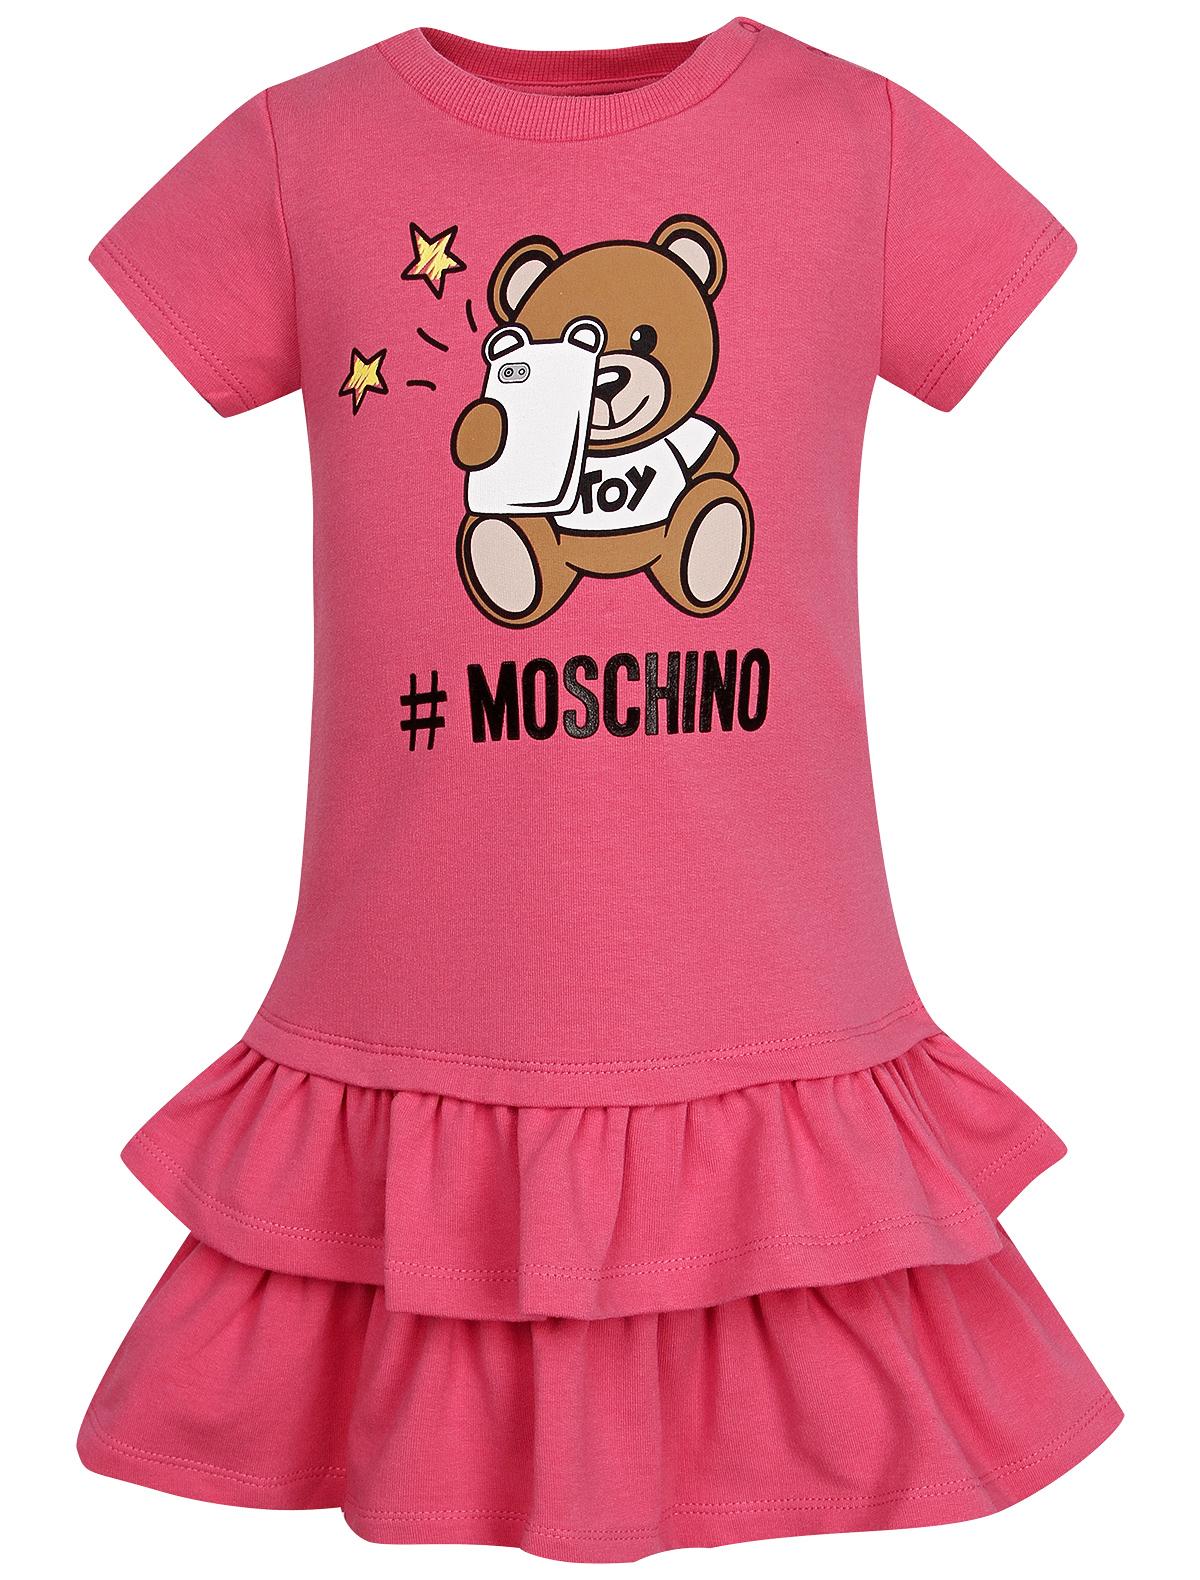 Купить 1963986, Платье Moschino, розовый, Женский, 1052609971198